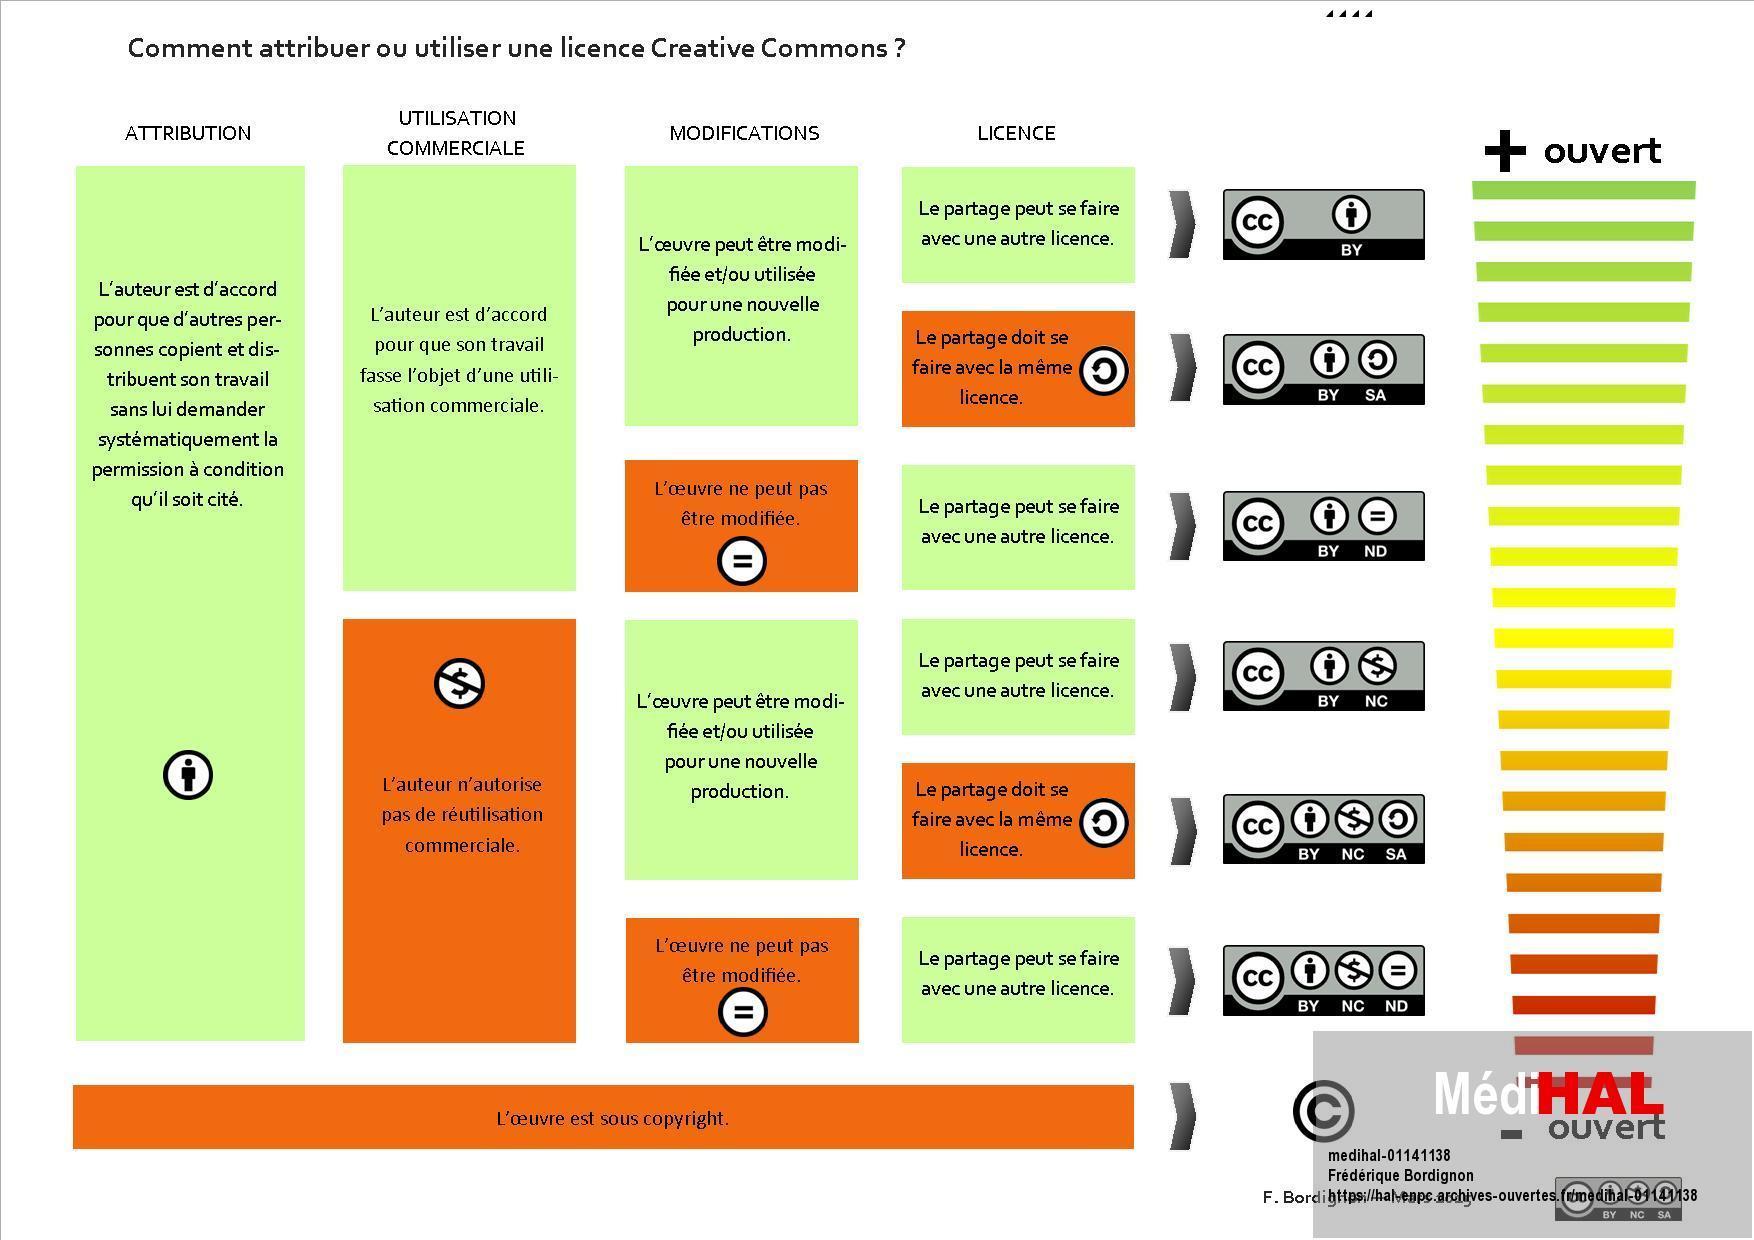 Comment utiliser une oeuvre sous licence Creative Commons ? Frédérique Bordignon / CC BY-NC-SA